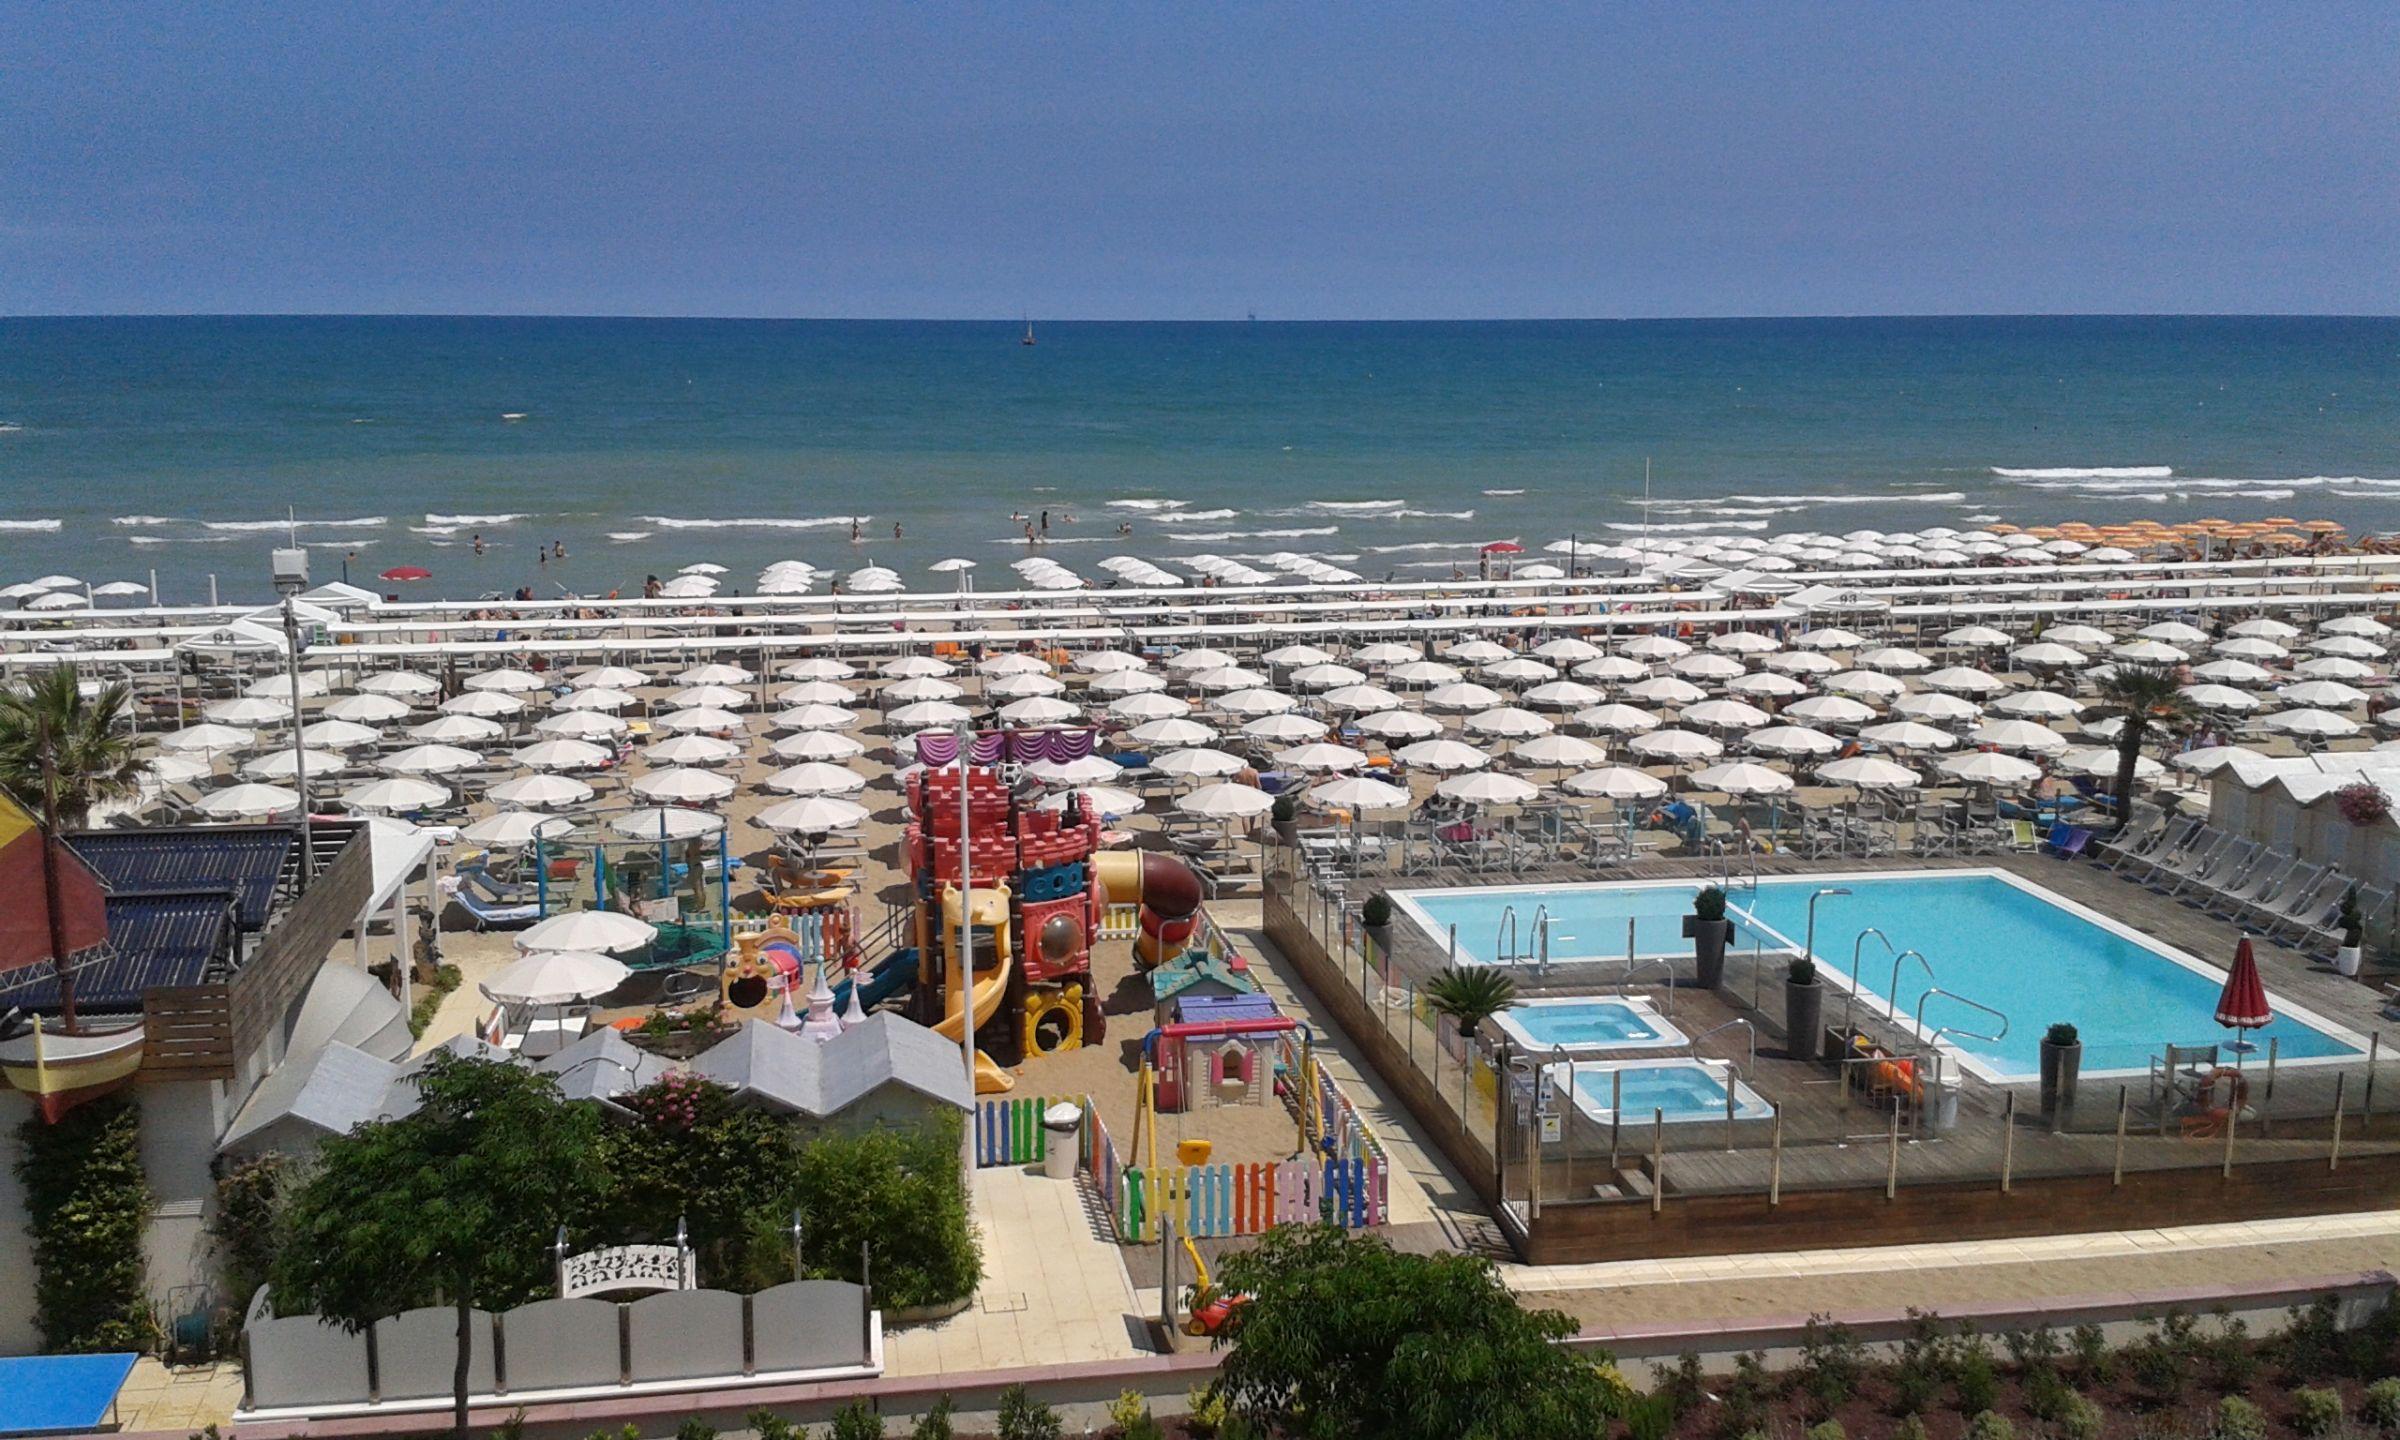 Hotel riccione 4 stelle con piscina sul lungomare - Hotel con piscina a riccione ...